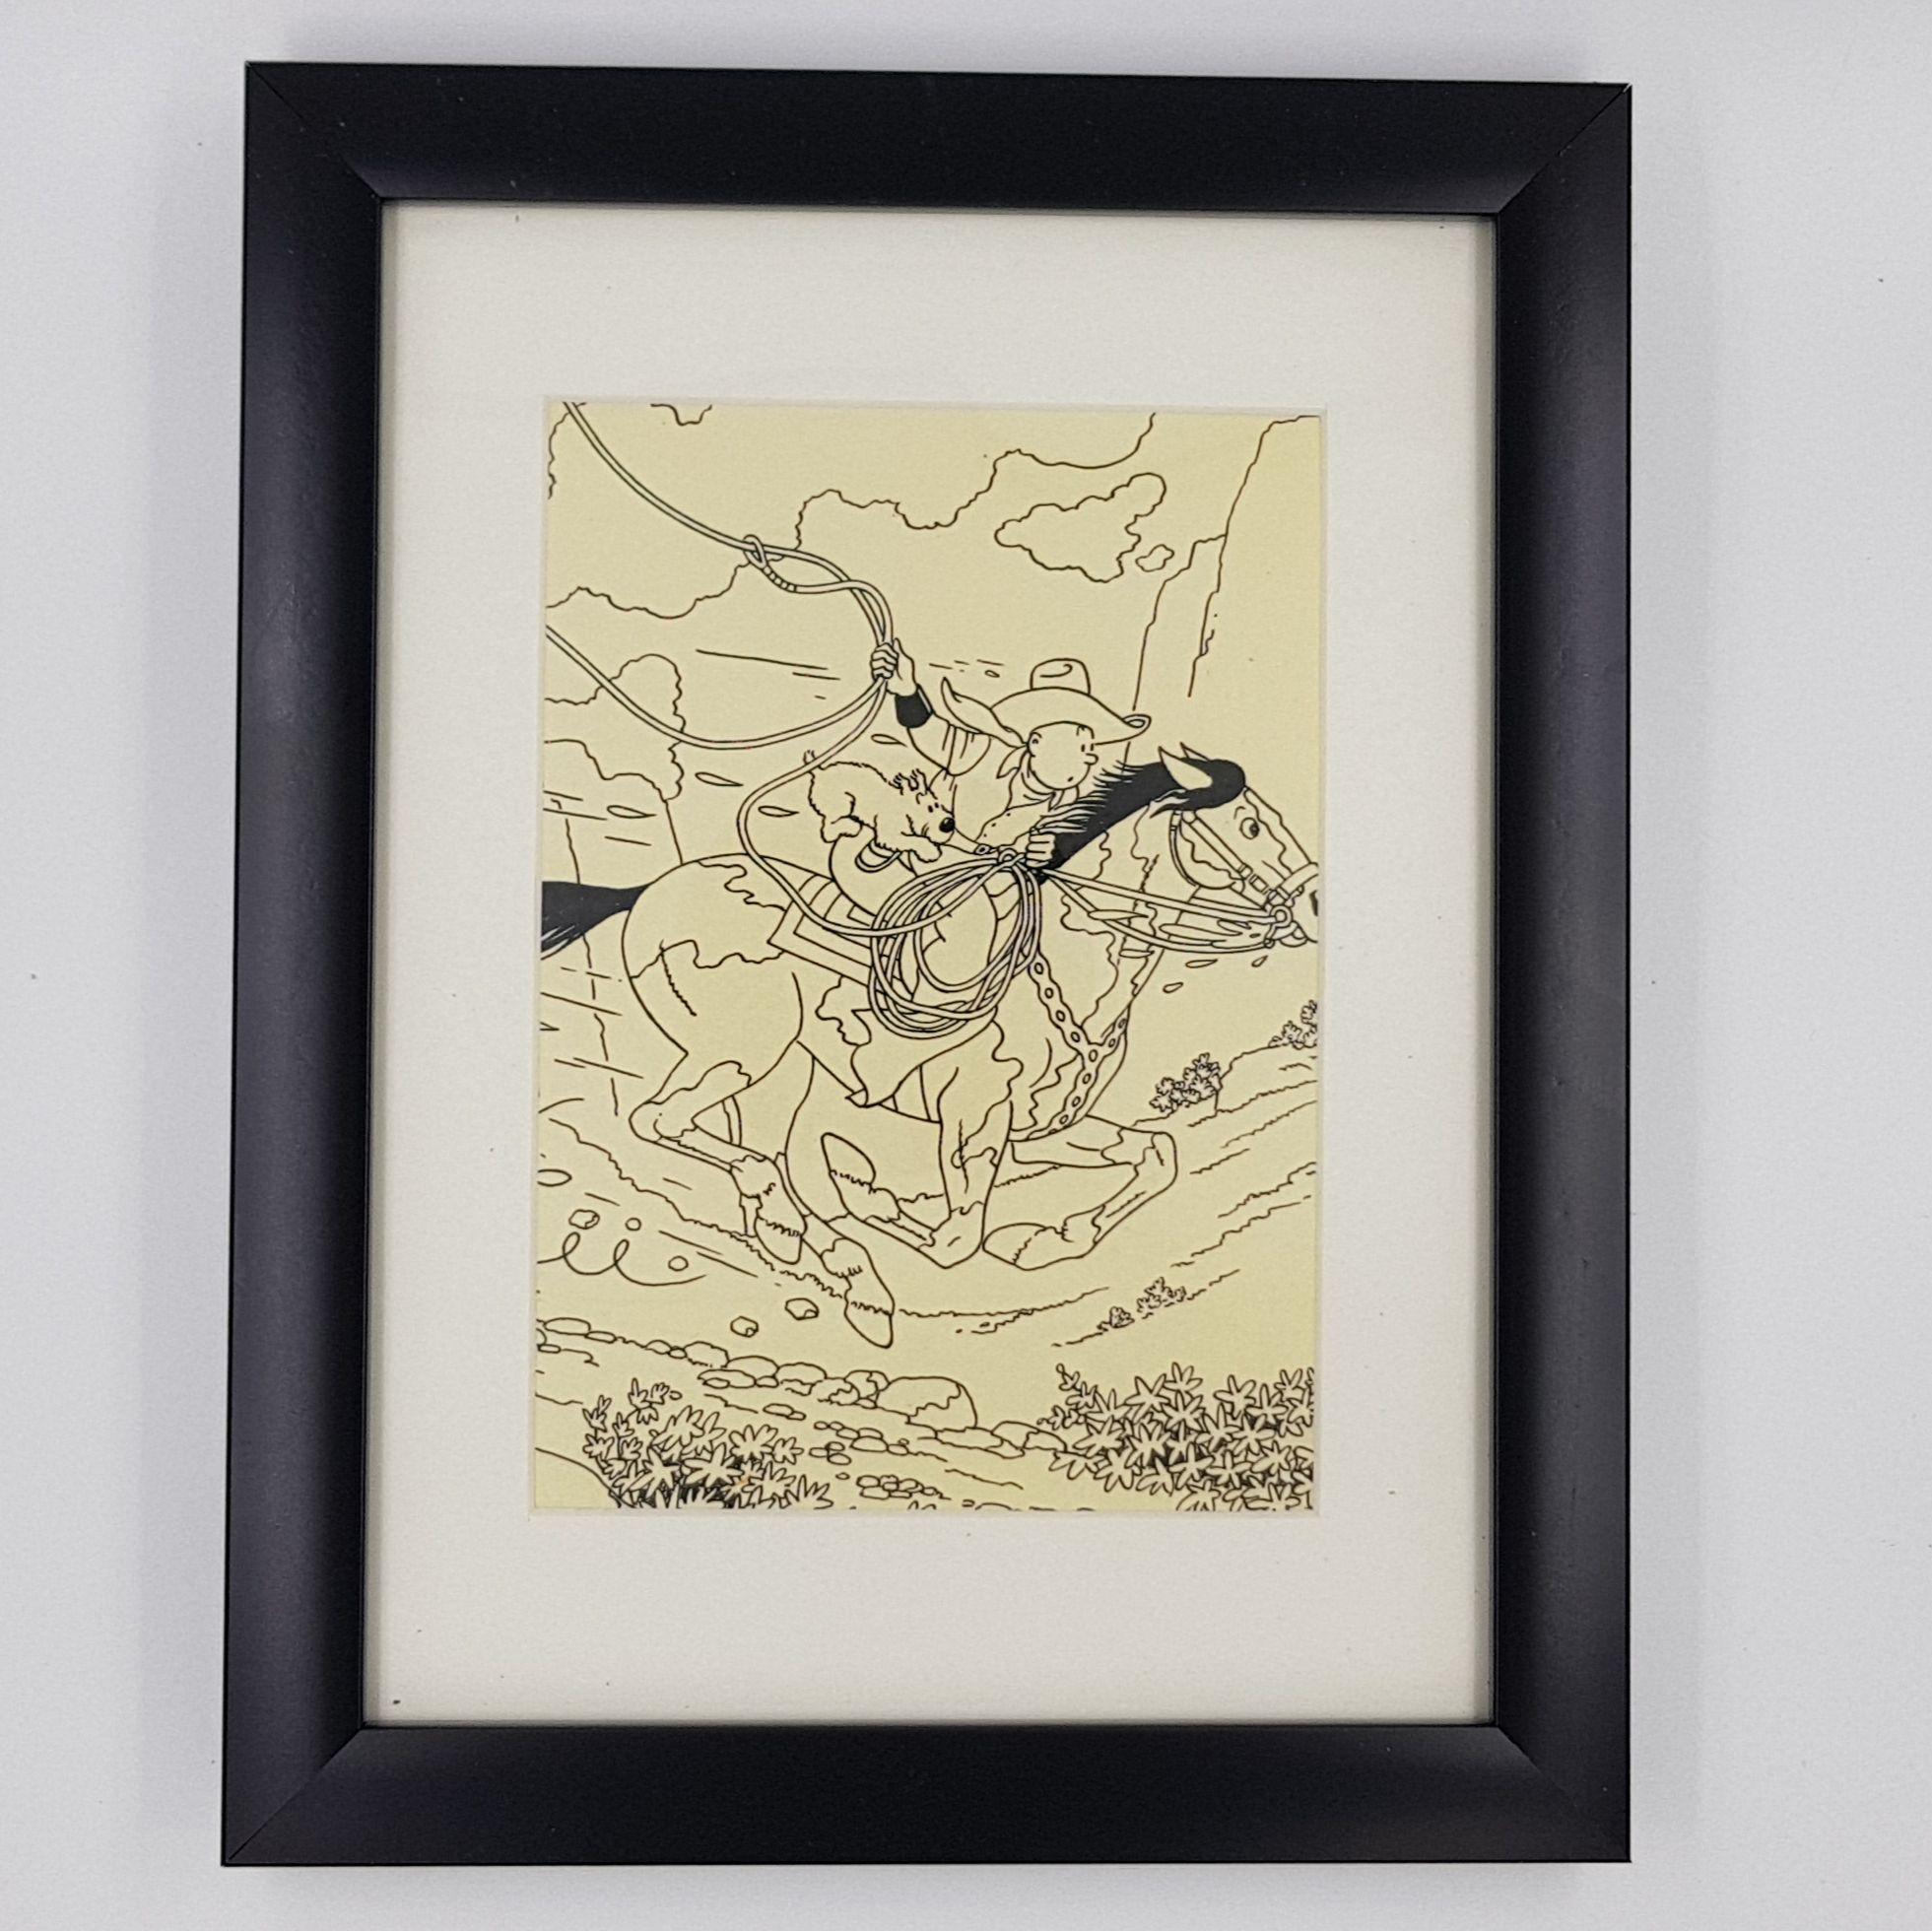 Cheval Tintin Billede I Sort Ramme Moulinsart Tintin Ramme Og Sort